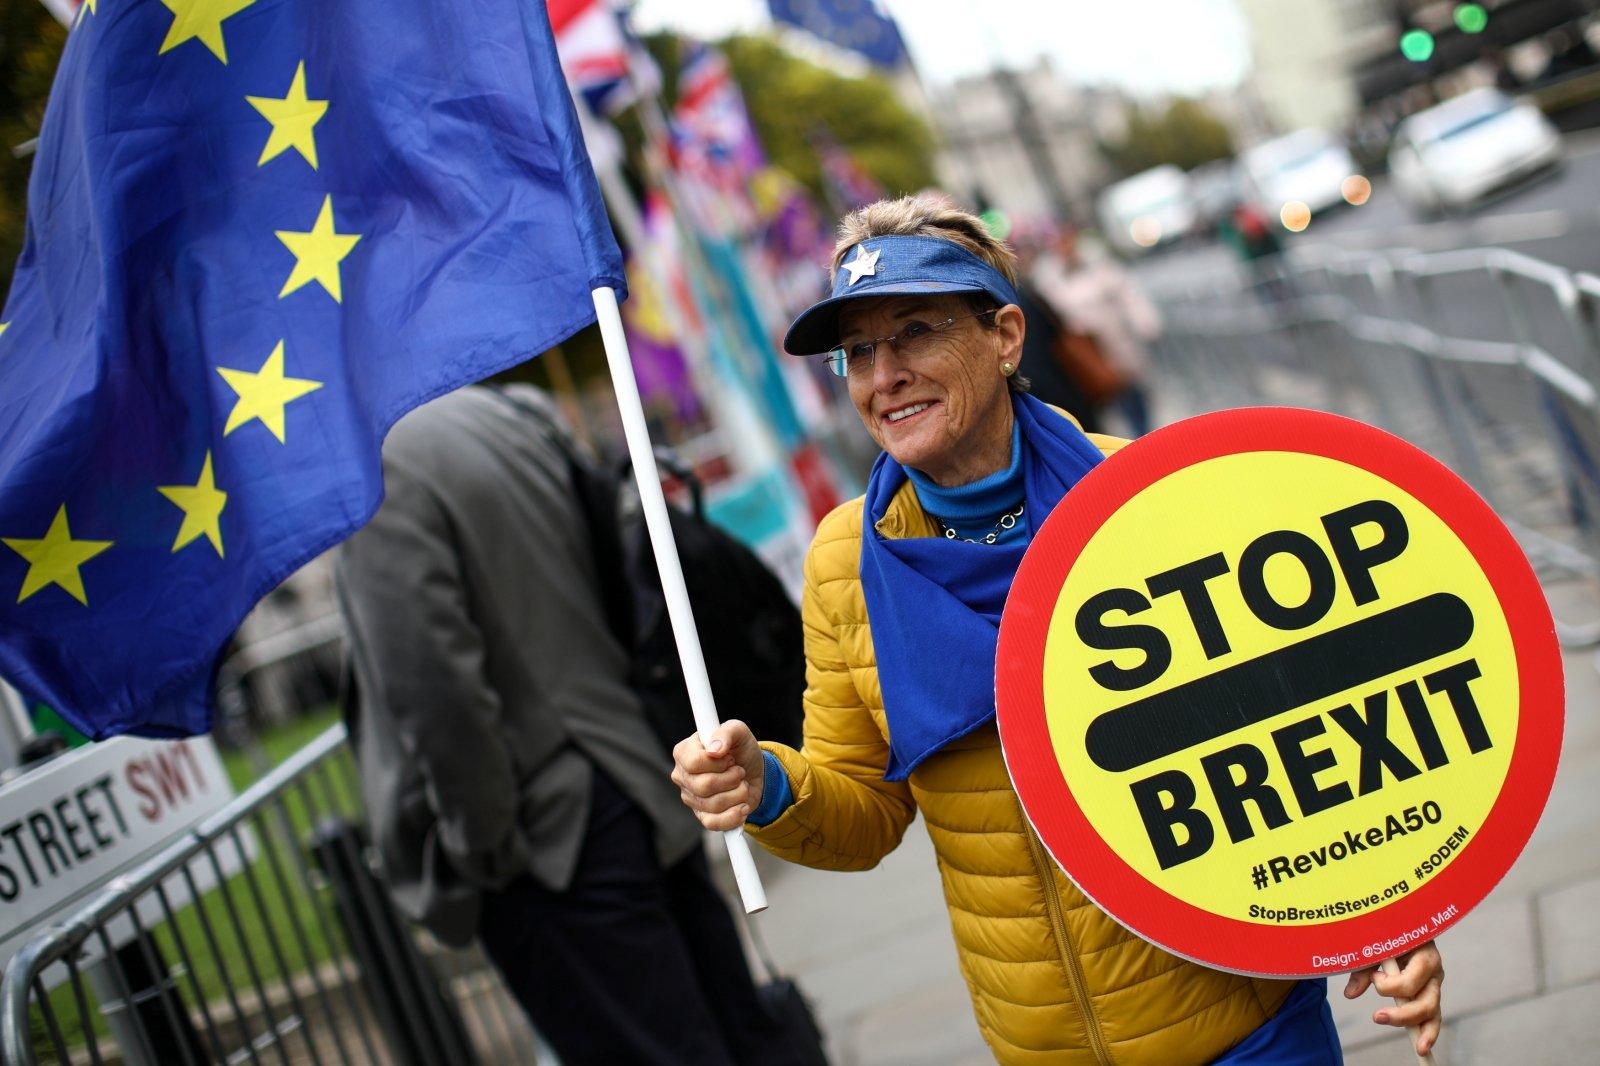 Если выборы в Британии пройдут раньше Brexit-а, лейбористы ощутят негативный эффект